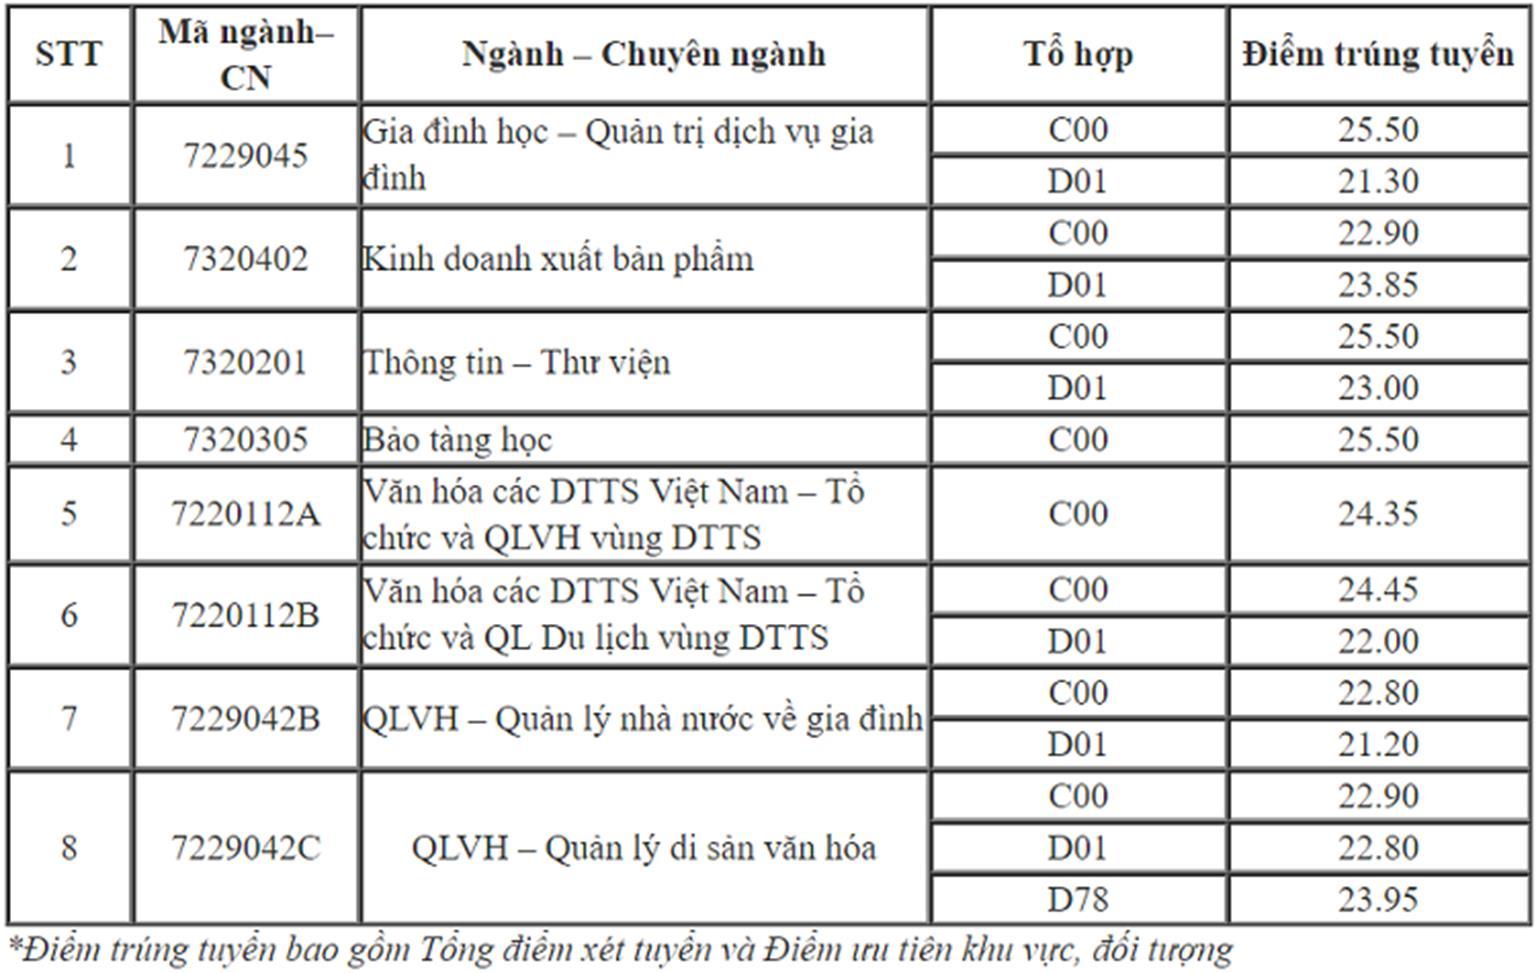 Thêm nhiều đại học ở Hà Nội công bố điểm chuẩn trúng tuyển-1